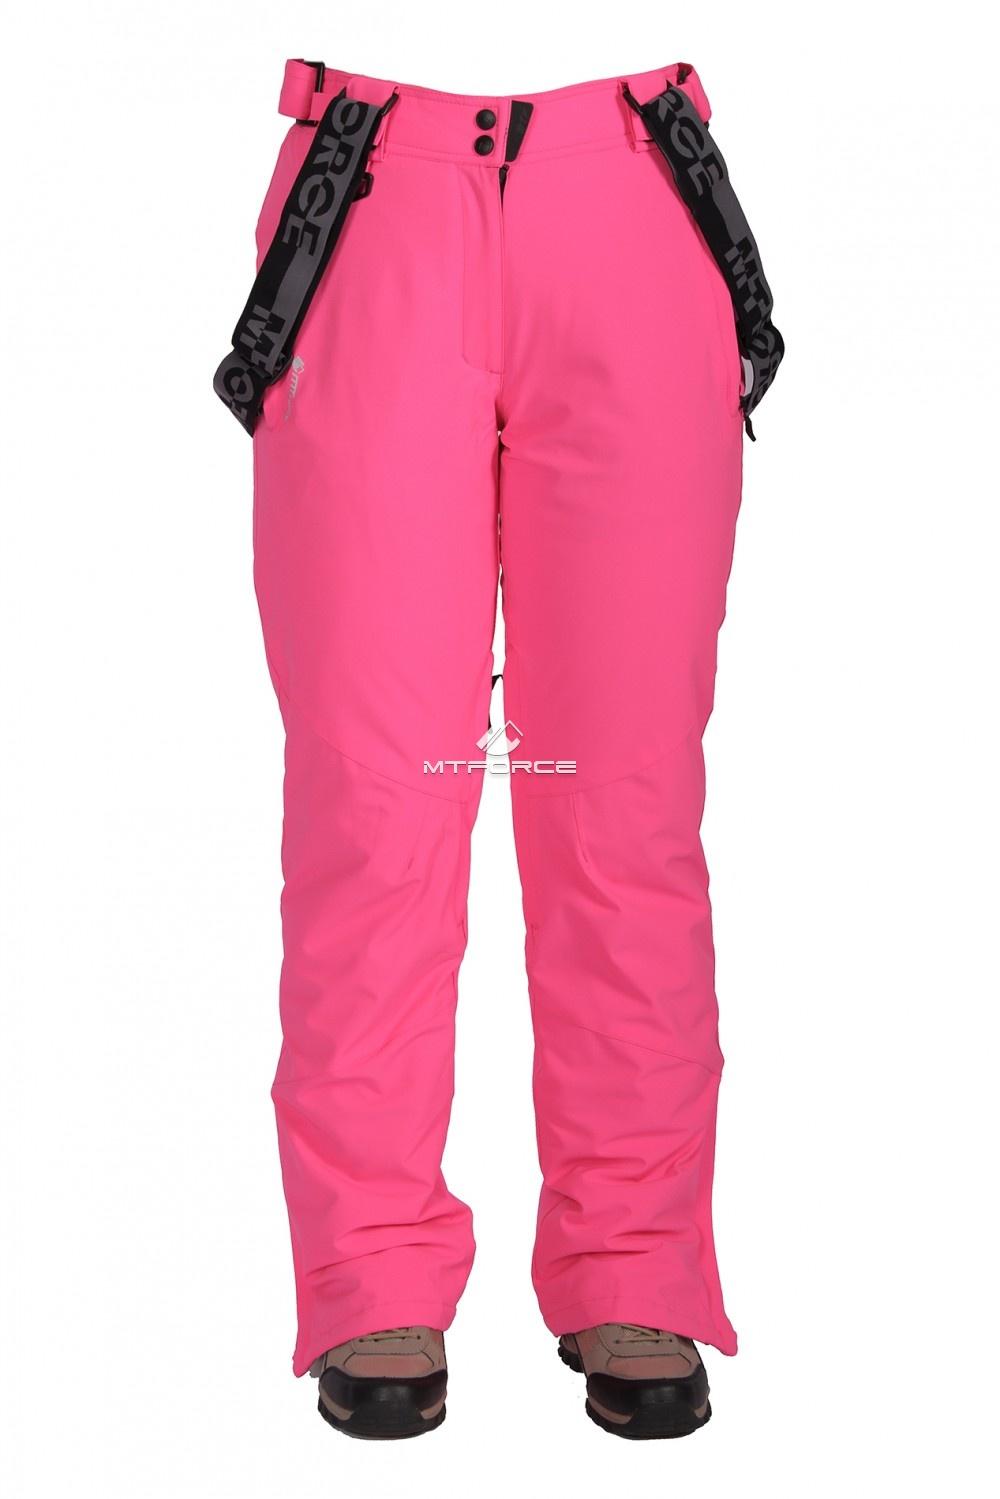 Купить                                  оптом Брюки горнолыжные женские розового цвета 403-1R